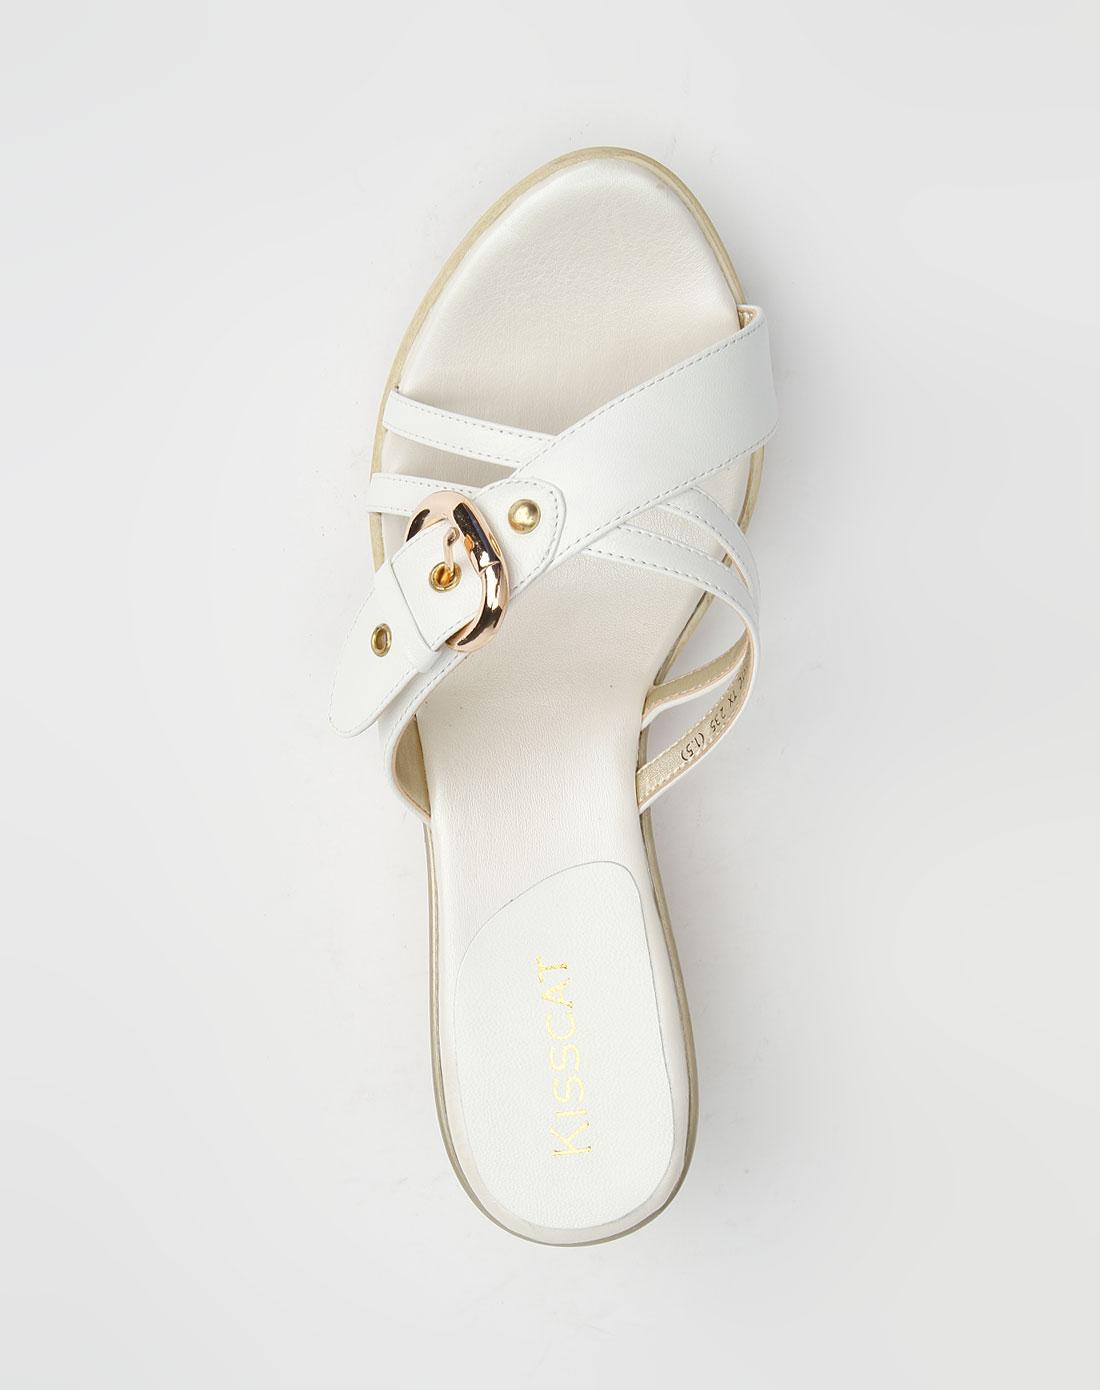 白色舒适羊皮凉鞋_kisscat官网特价1.5-3.5折